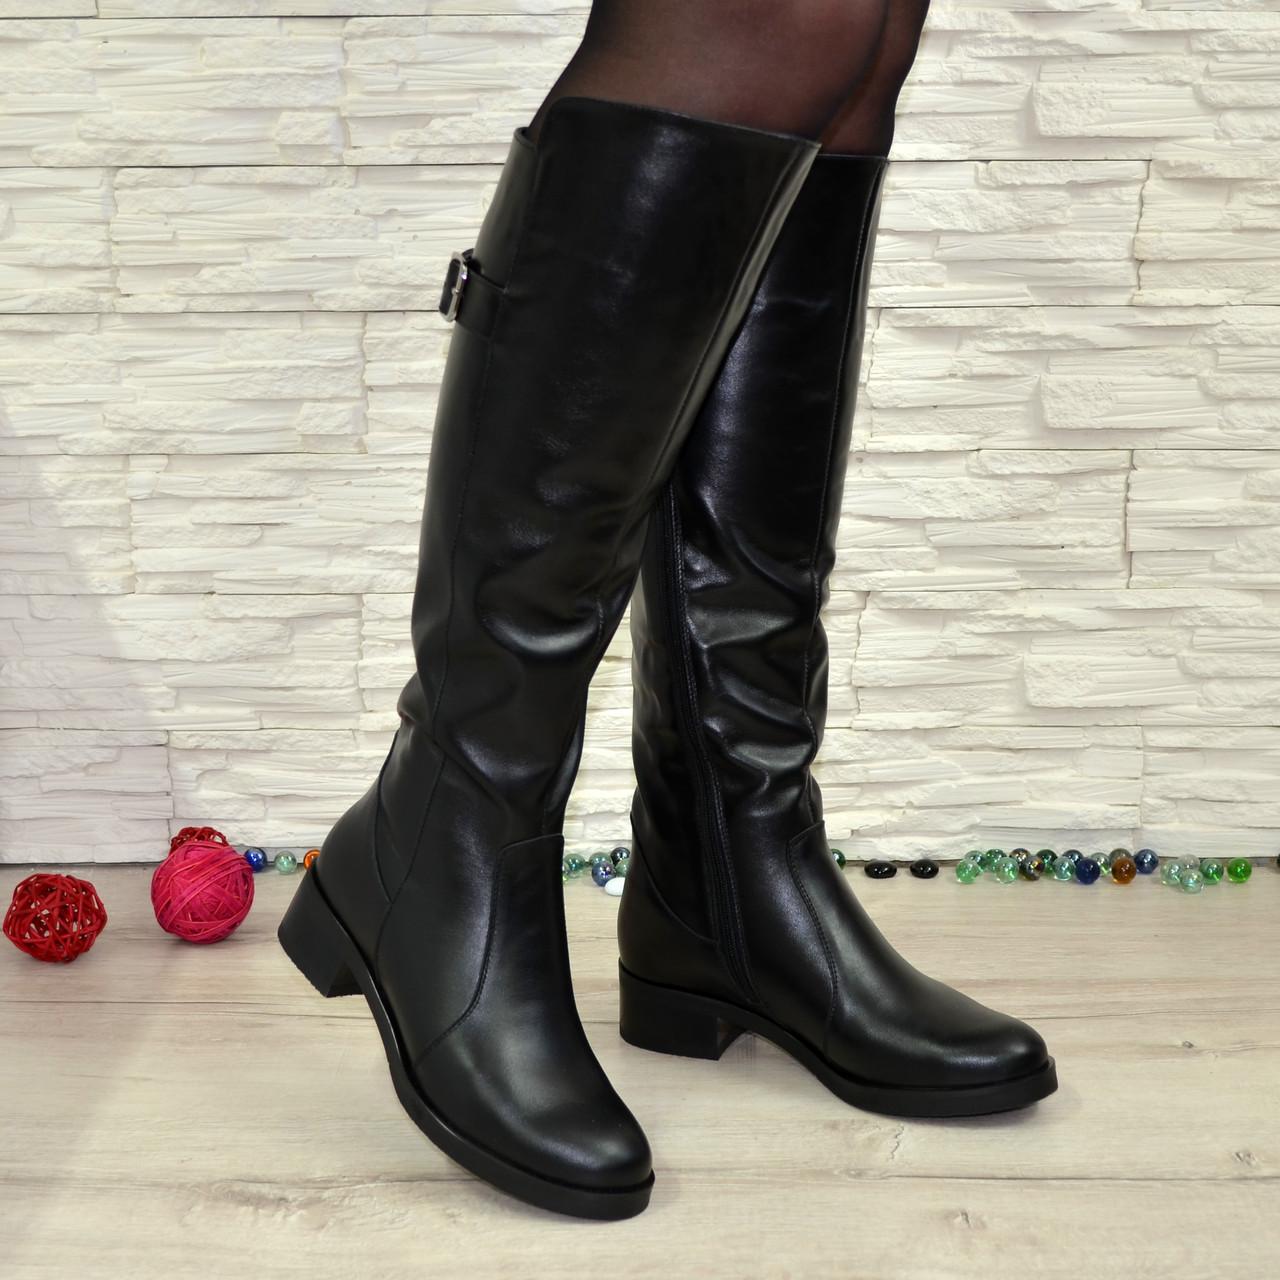 eaf781bc Сапоги женские зимние кожаные на невысоком устойчивом каблуке - Интернет- магазин